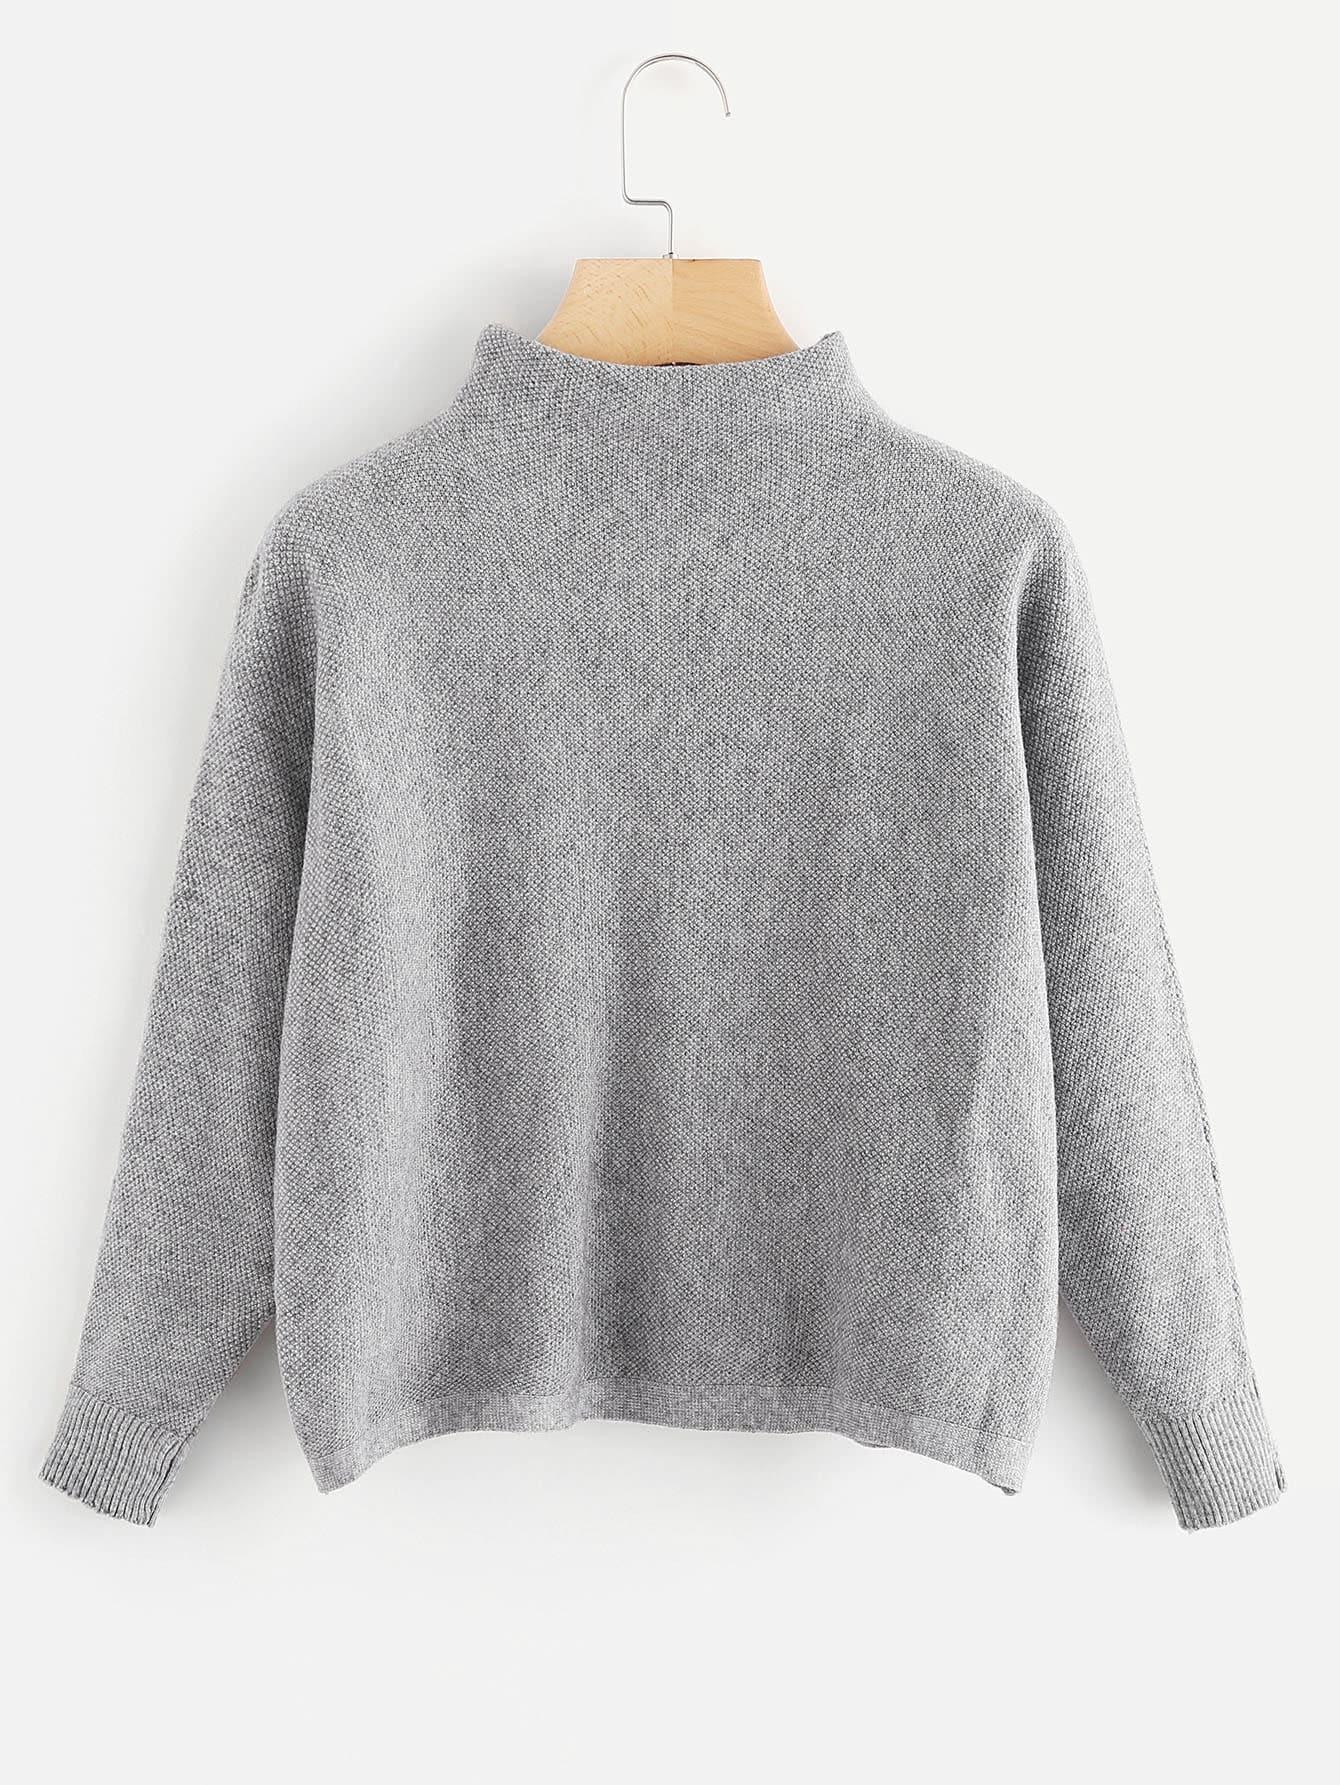 pullover mit stehkragen und streifen vorn german shein sheinside. Black Bedroom Furniture Sets. Home Design Ideas